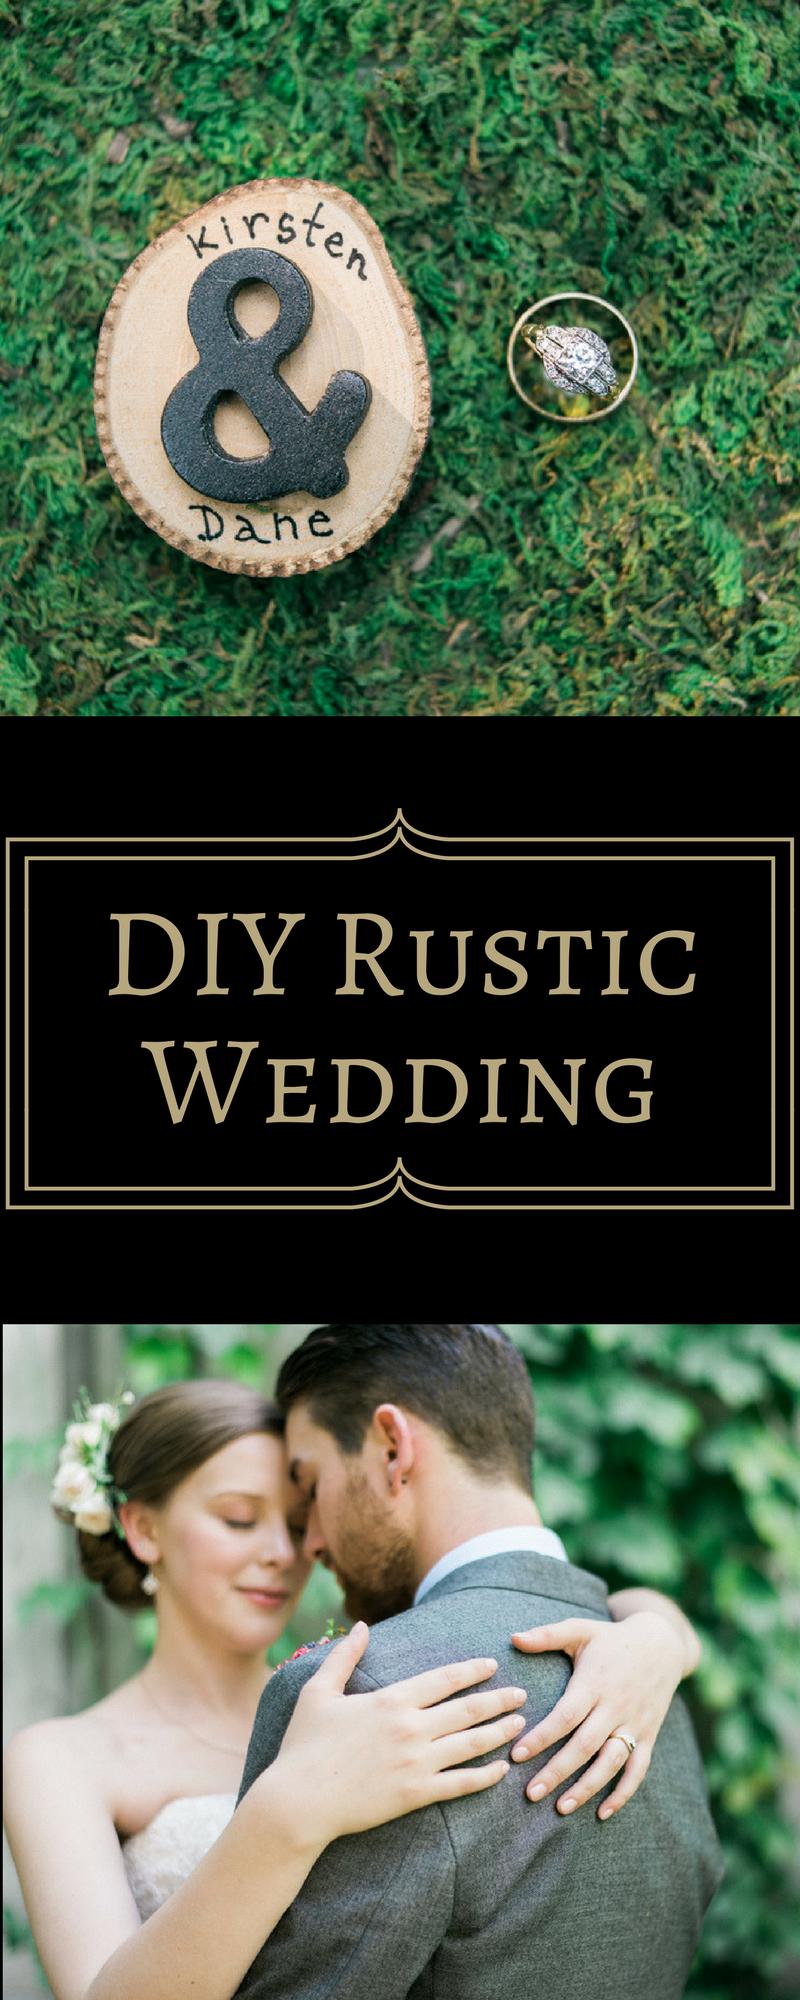 A pitch for heaven u a diy rustic wedding rustic chic wedding